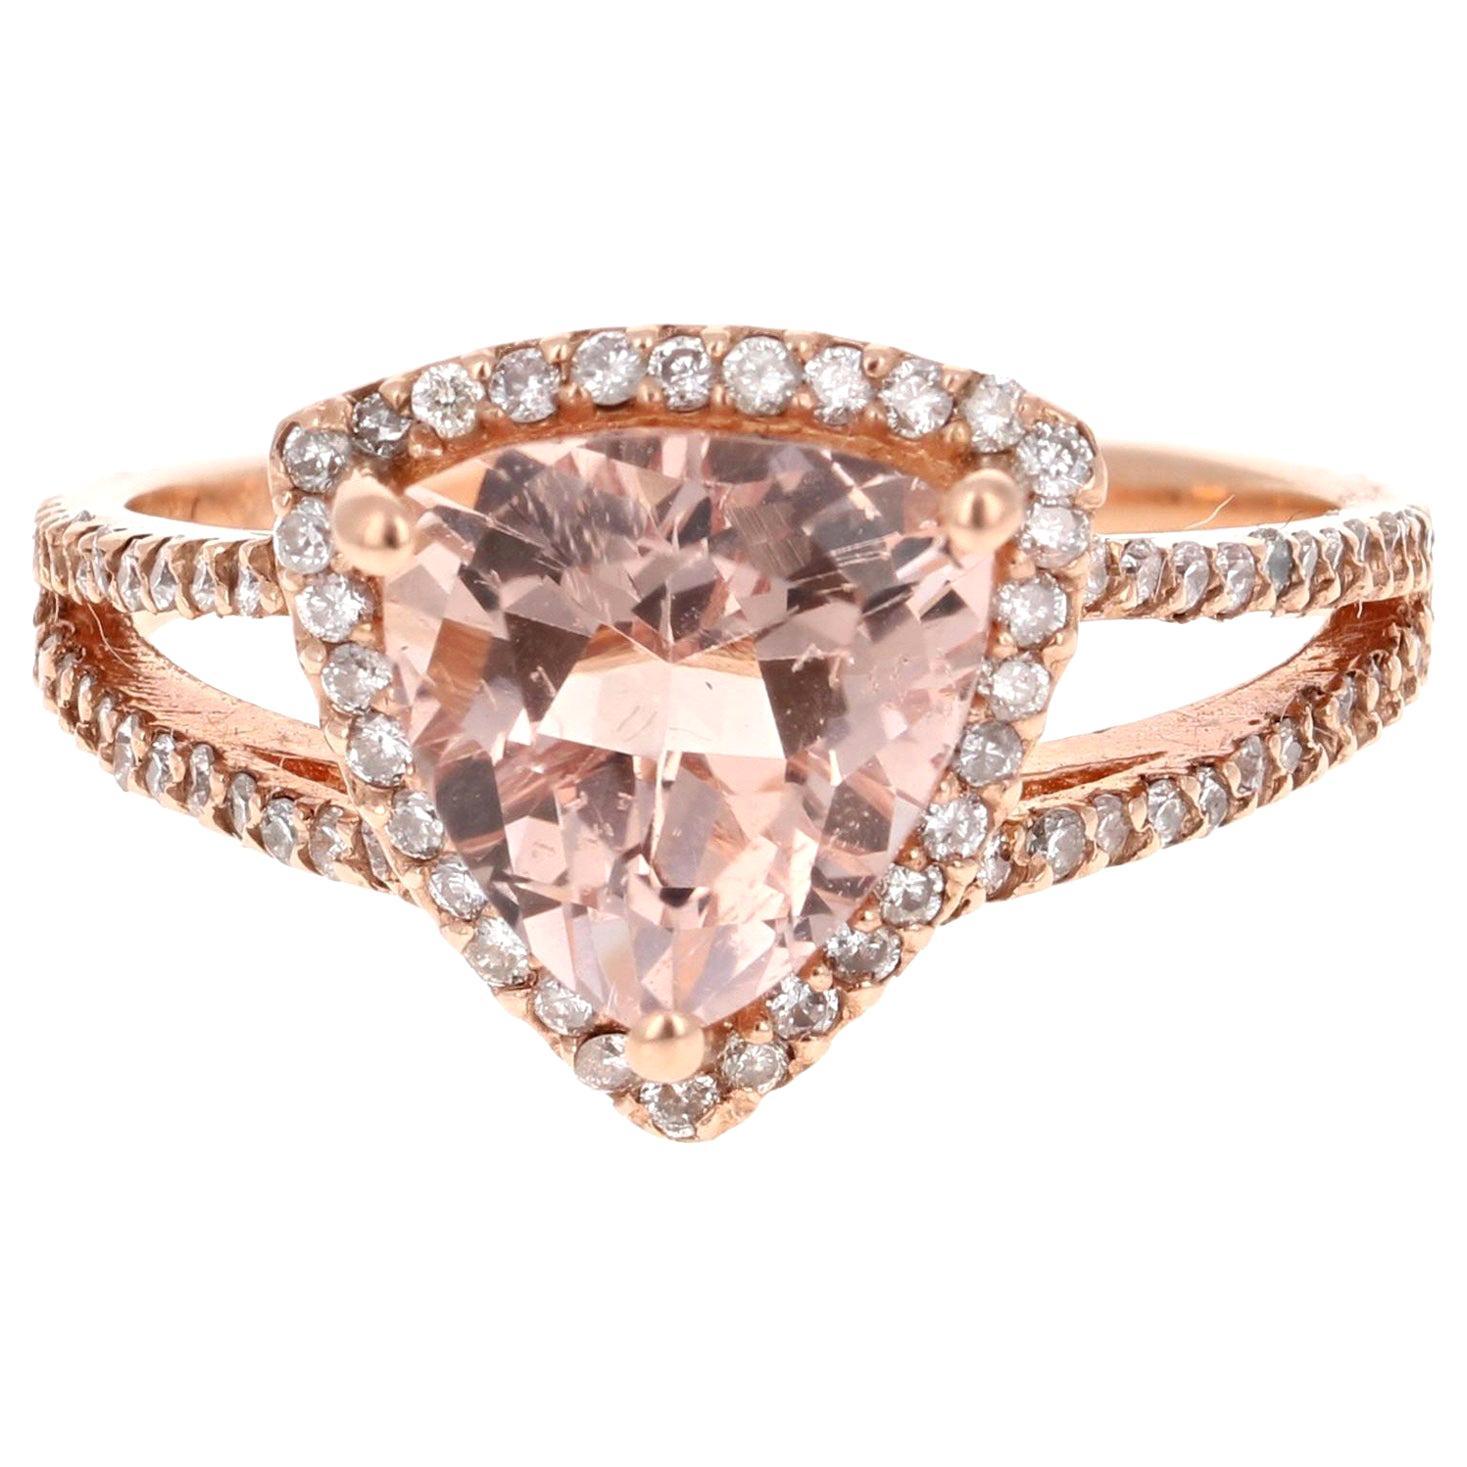 2.59 Carat Morganite Diamond 14 Karat Rose Gold Cocktail Ring